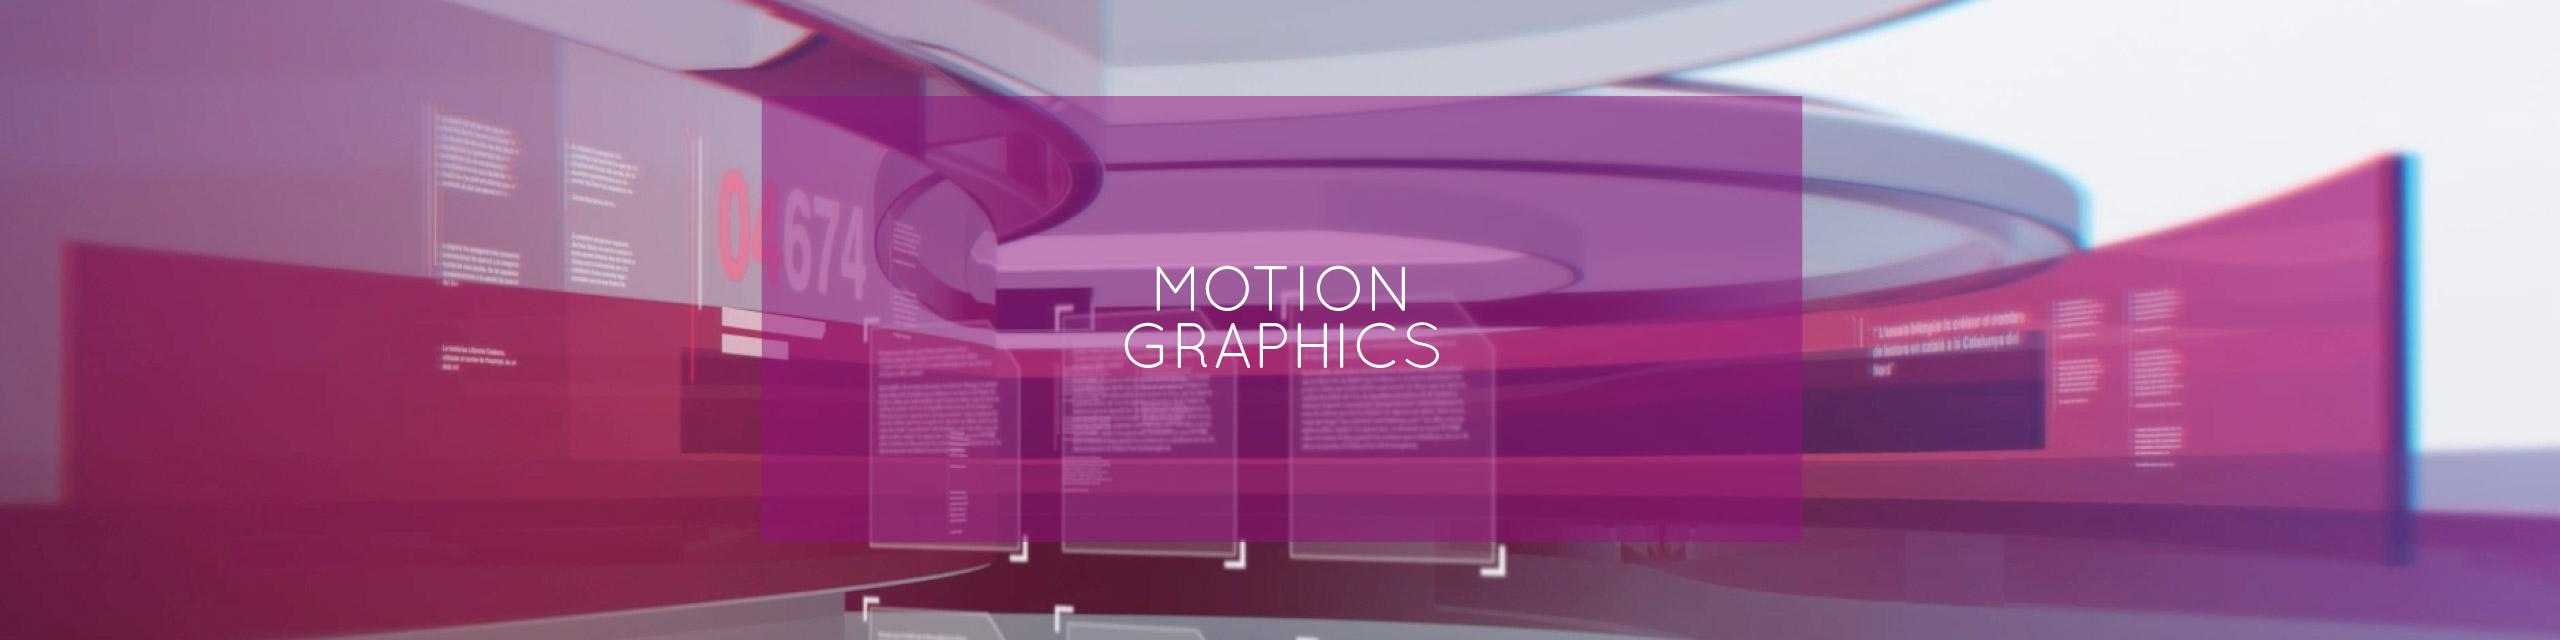 motion-graphics1